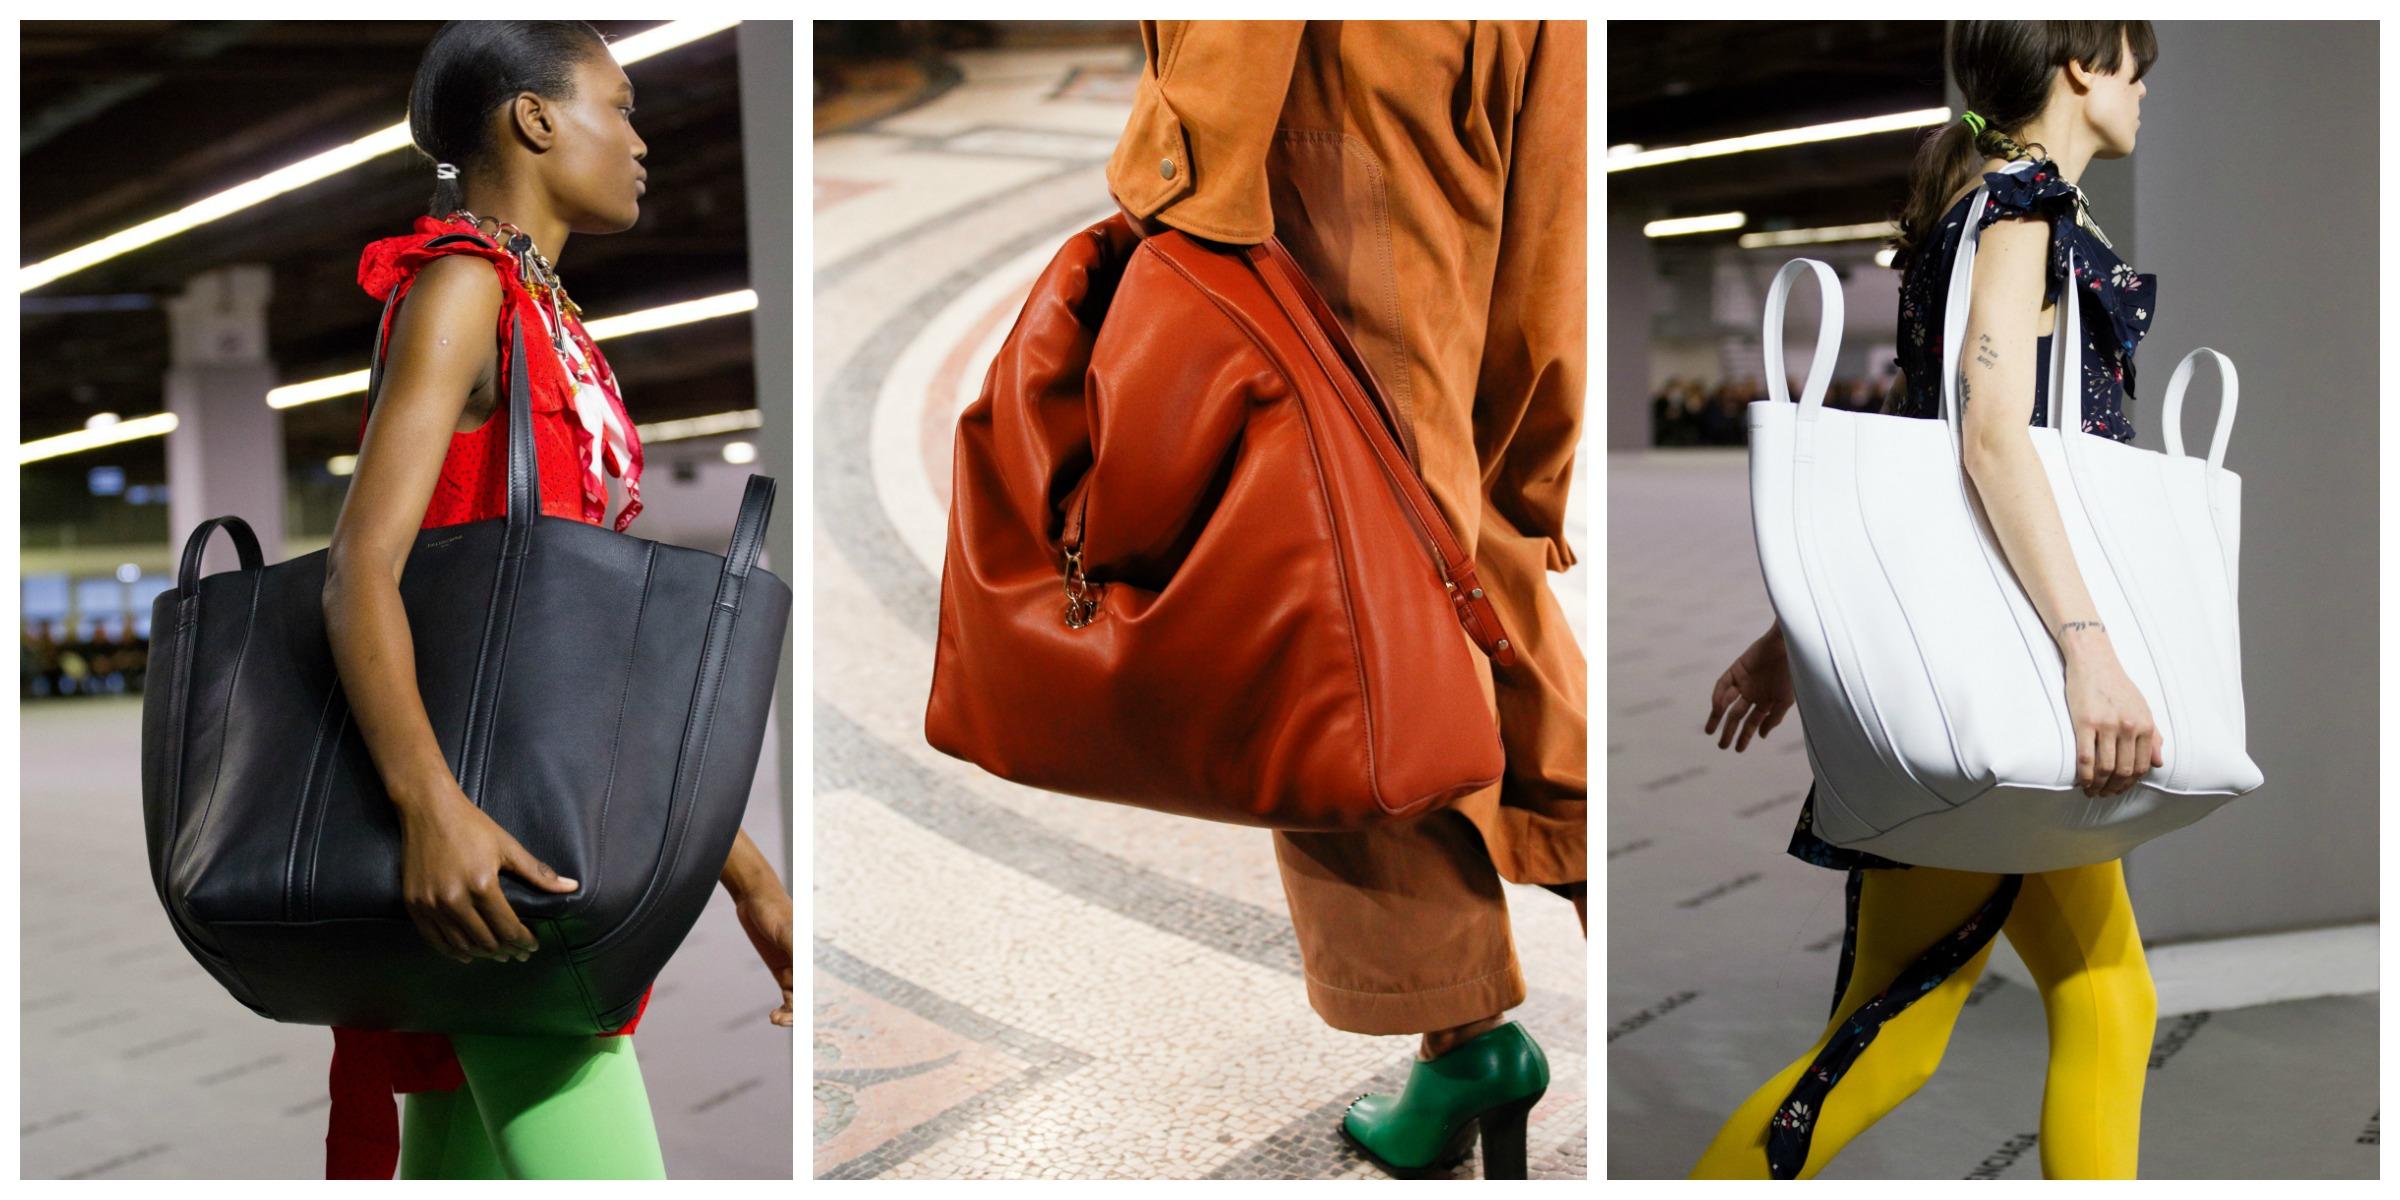 Oversized Bags | O Regresso! Quando achávamos que as carteiras grandes estavam a desaparecer de cena eis que volta a oversized bag, maior do que nunca! Mais uma afirmação de proporções exageradas que se junta a esta conversa de volumes.